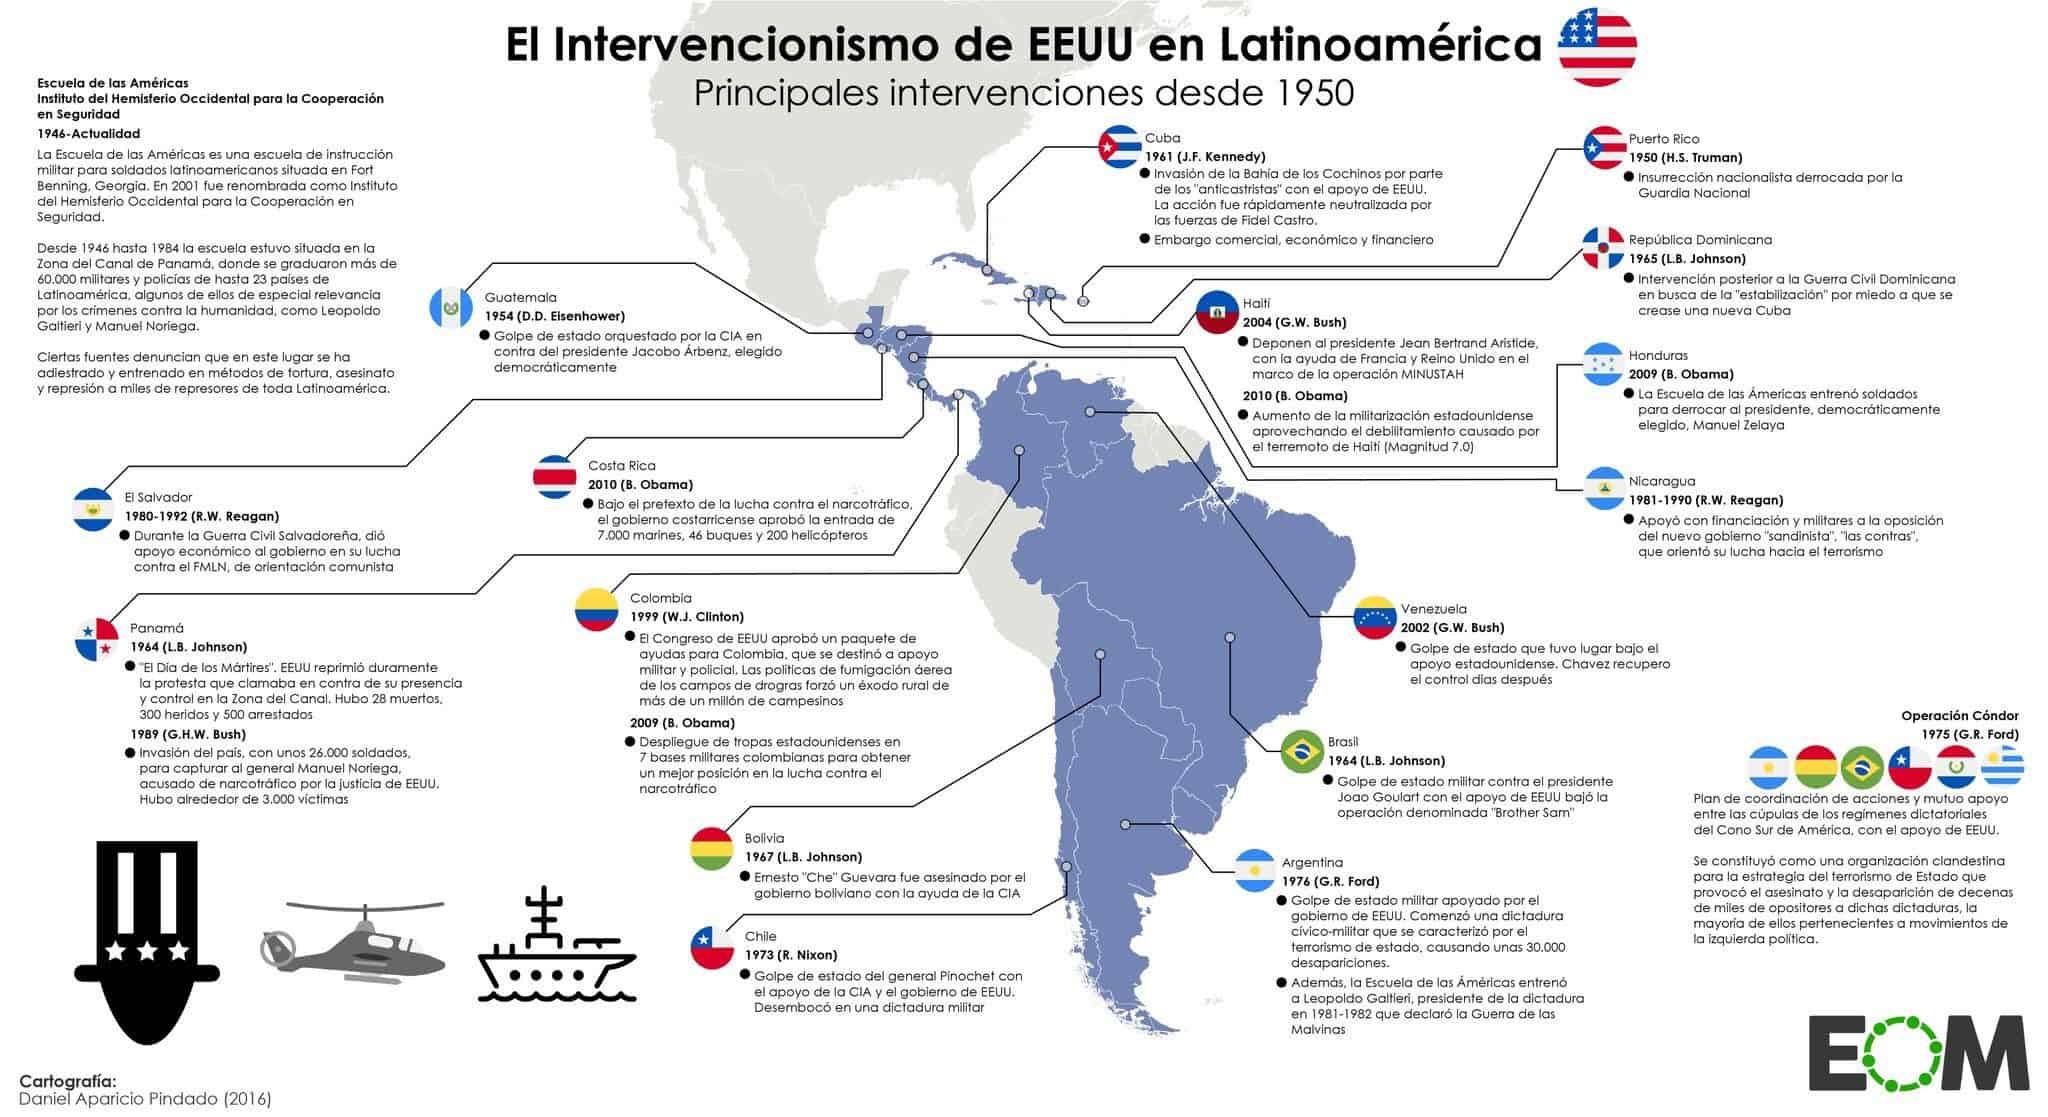 EEUU intervenciones en Latam